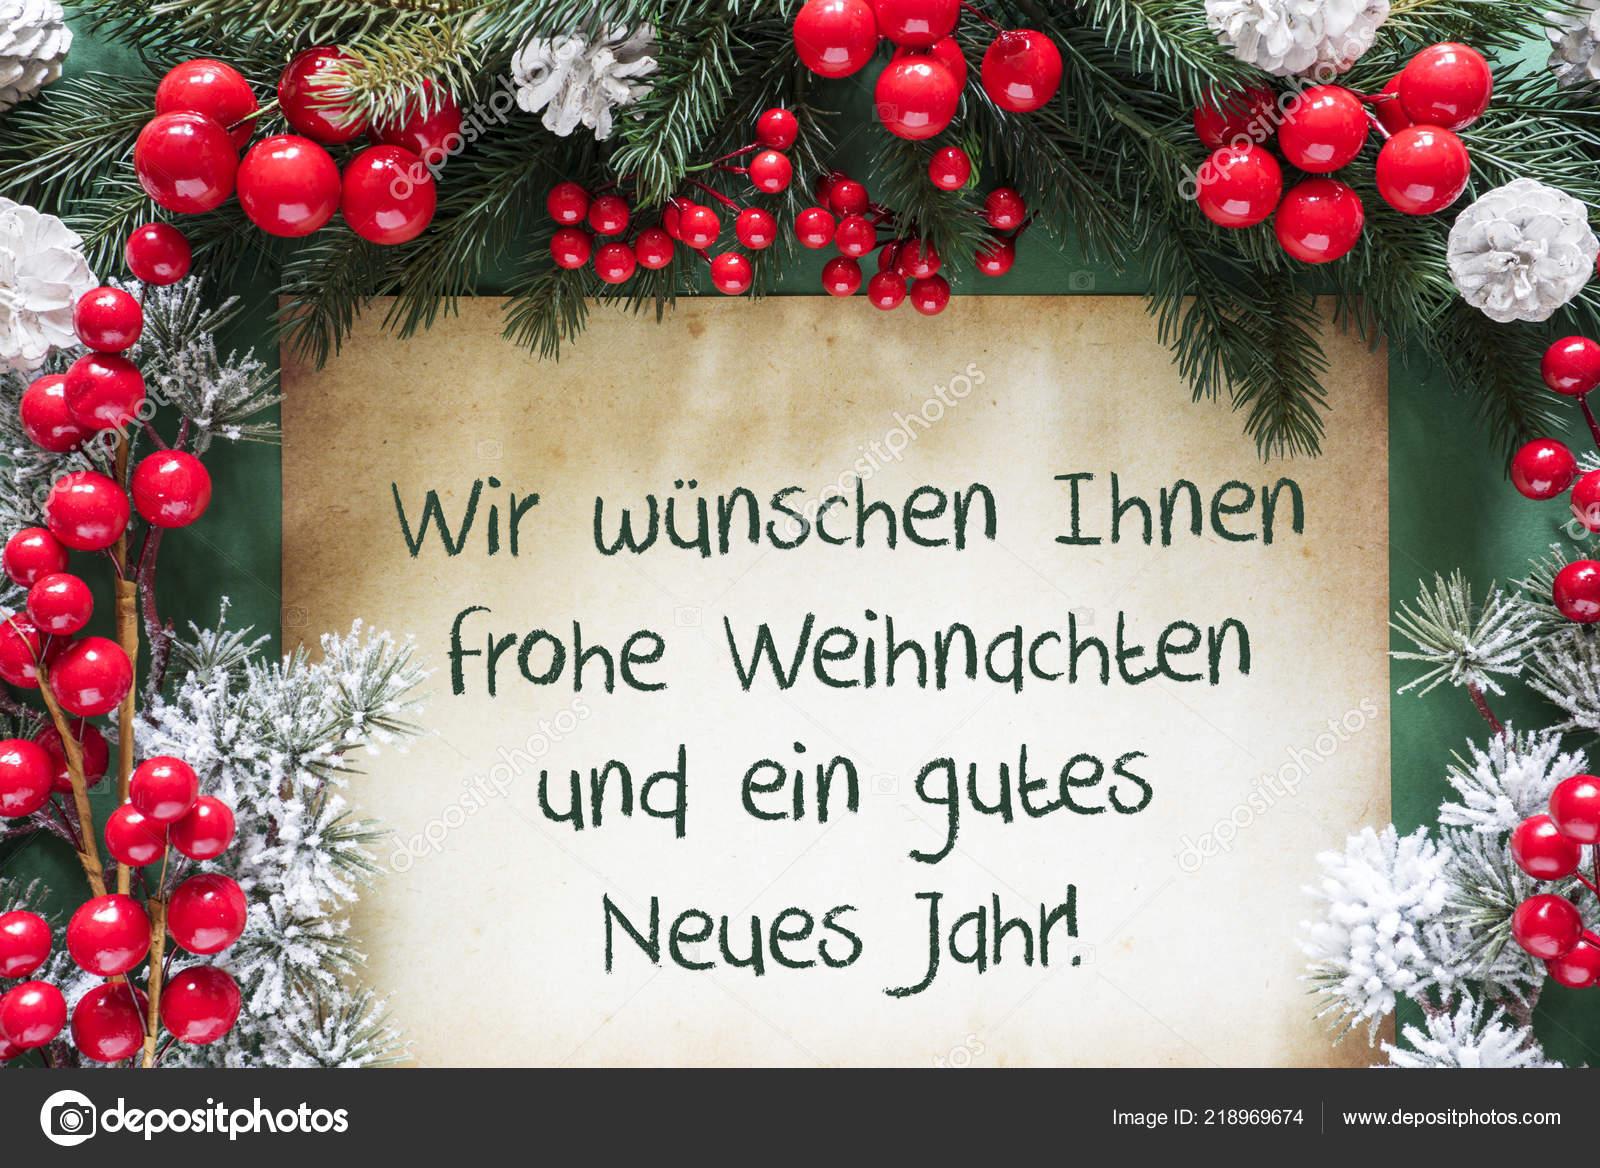 Text Frohe Weihnachten Und Ein Gutes Neues Jahr.Christmas Decoration Gutes Neues Jahr Means Happy New Year Stock